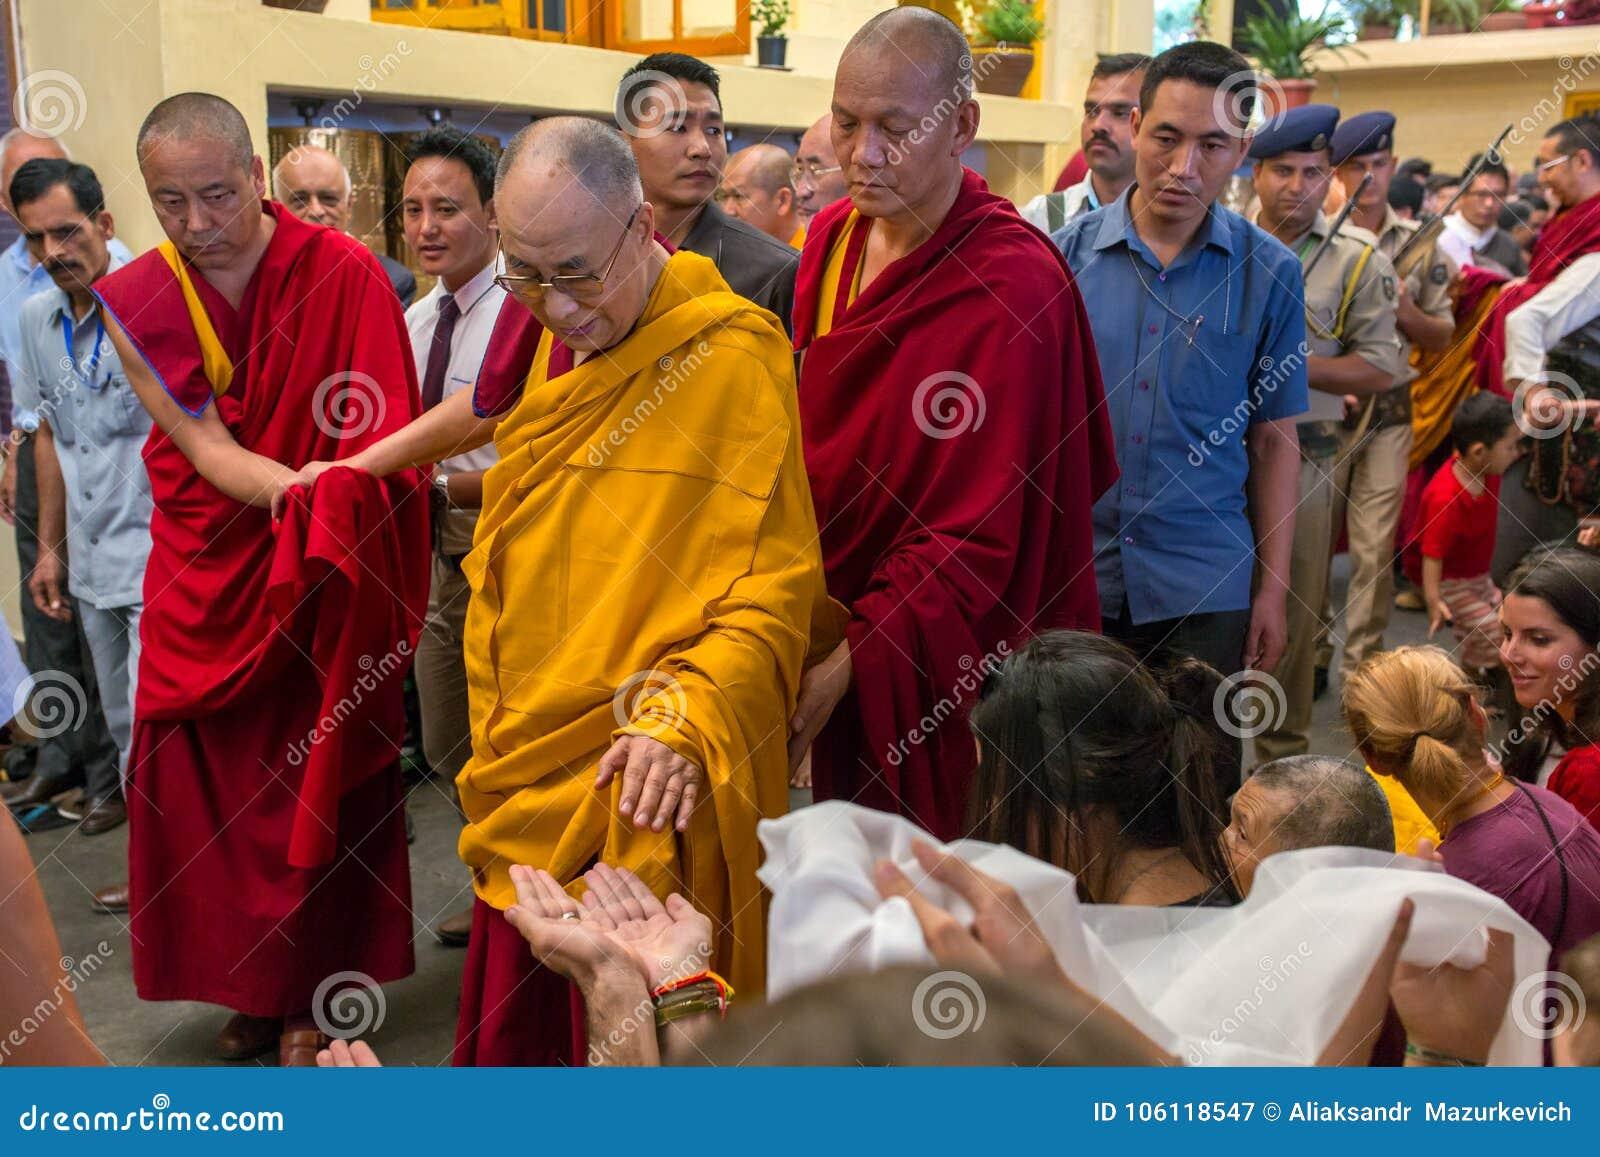 Sa sainteté les 14 Dalai Lama Tenzin Gyatso donne des enseignements dans sa résidence à Dharamsala, Inde